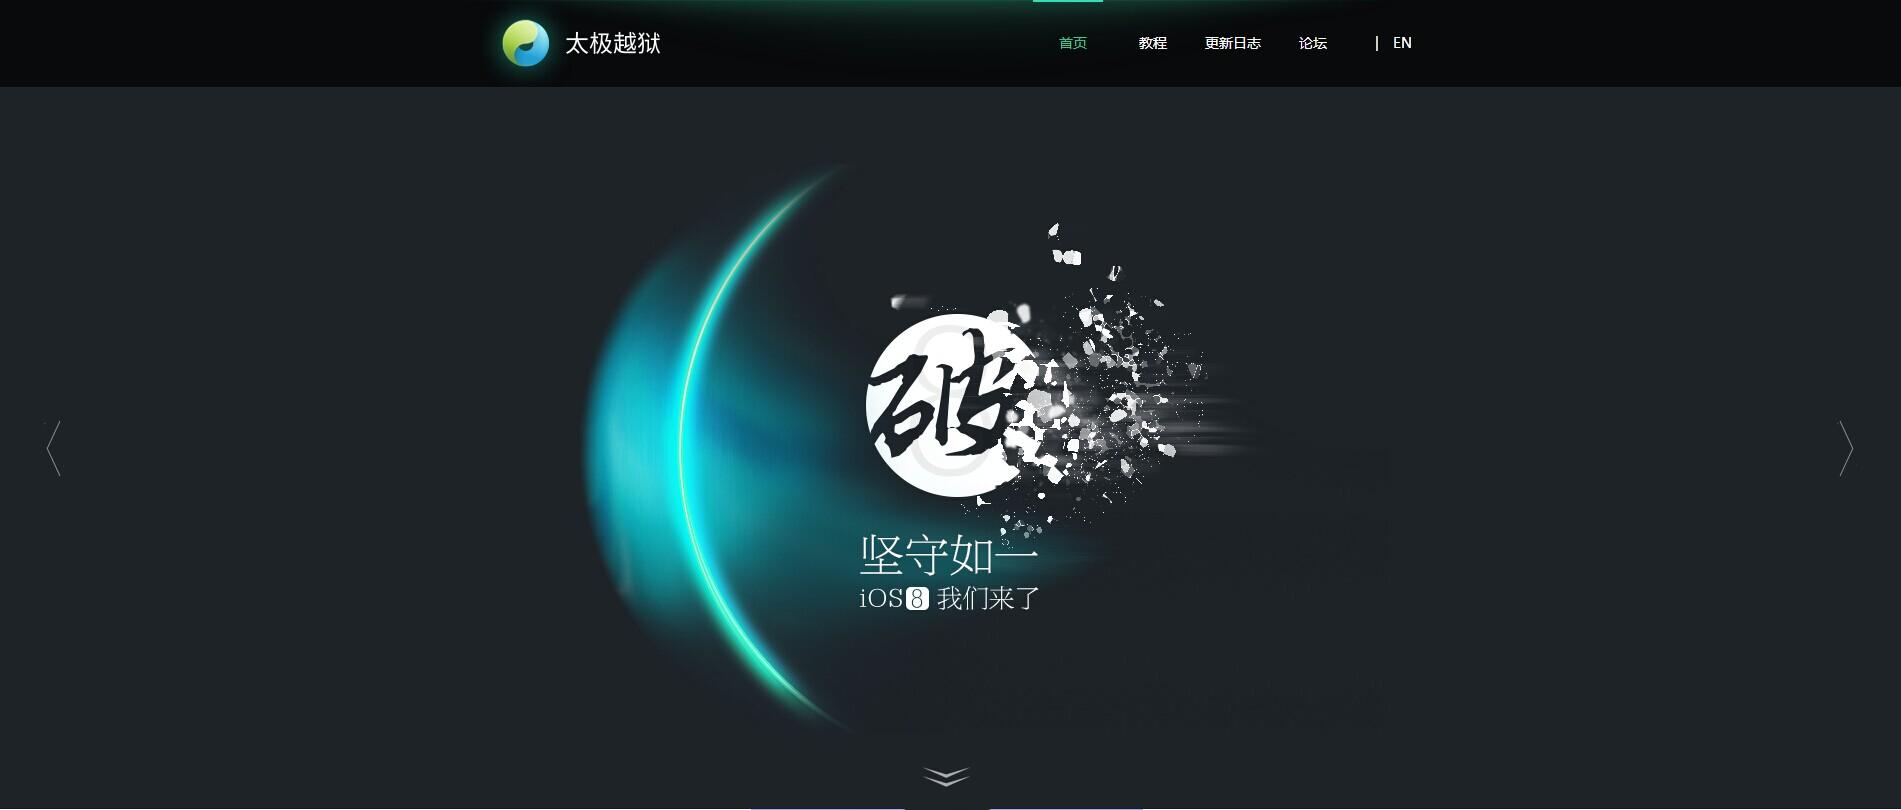 太极越狱V2.4.5 官方最新版